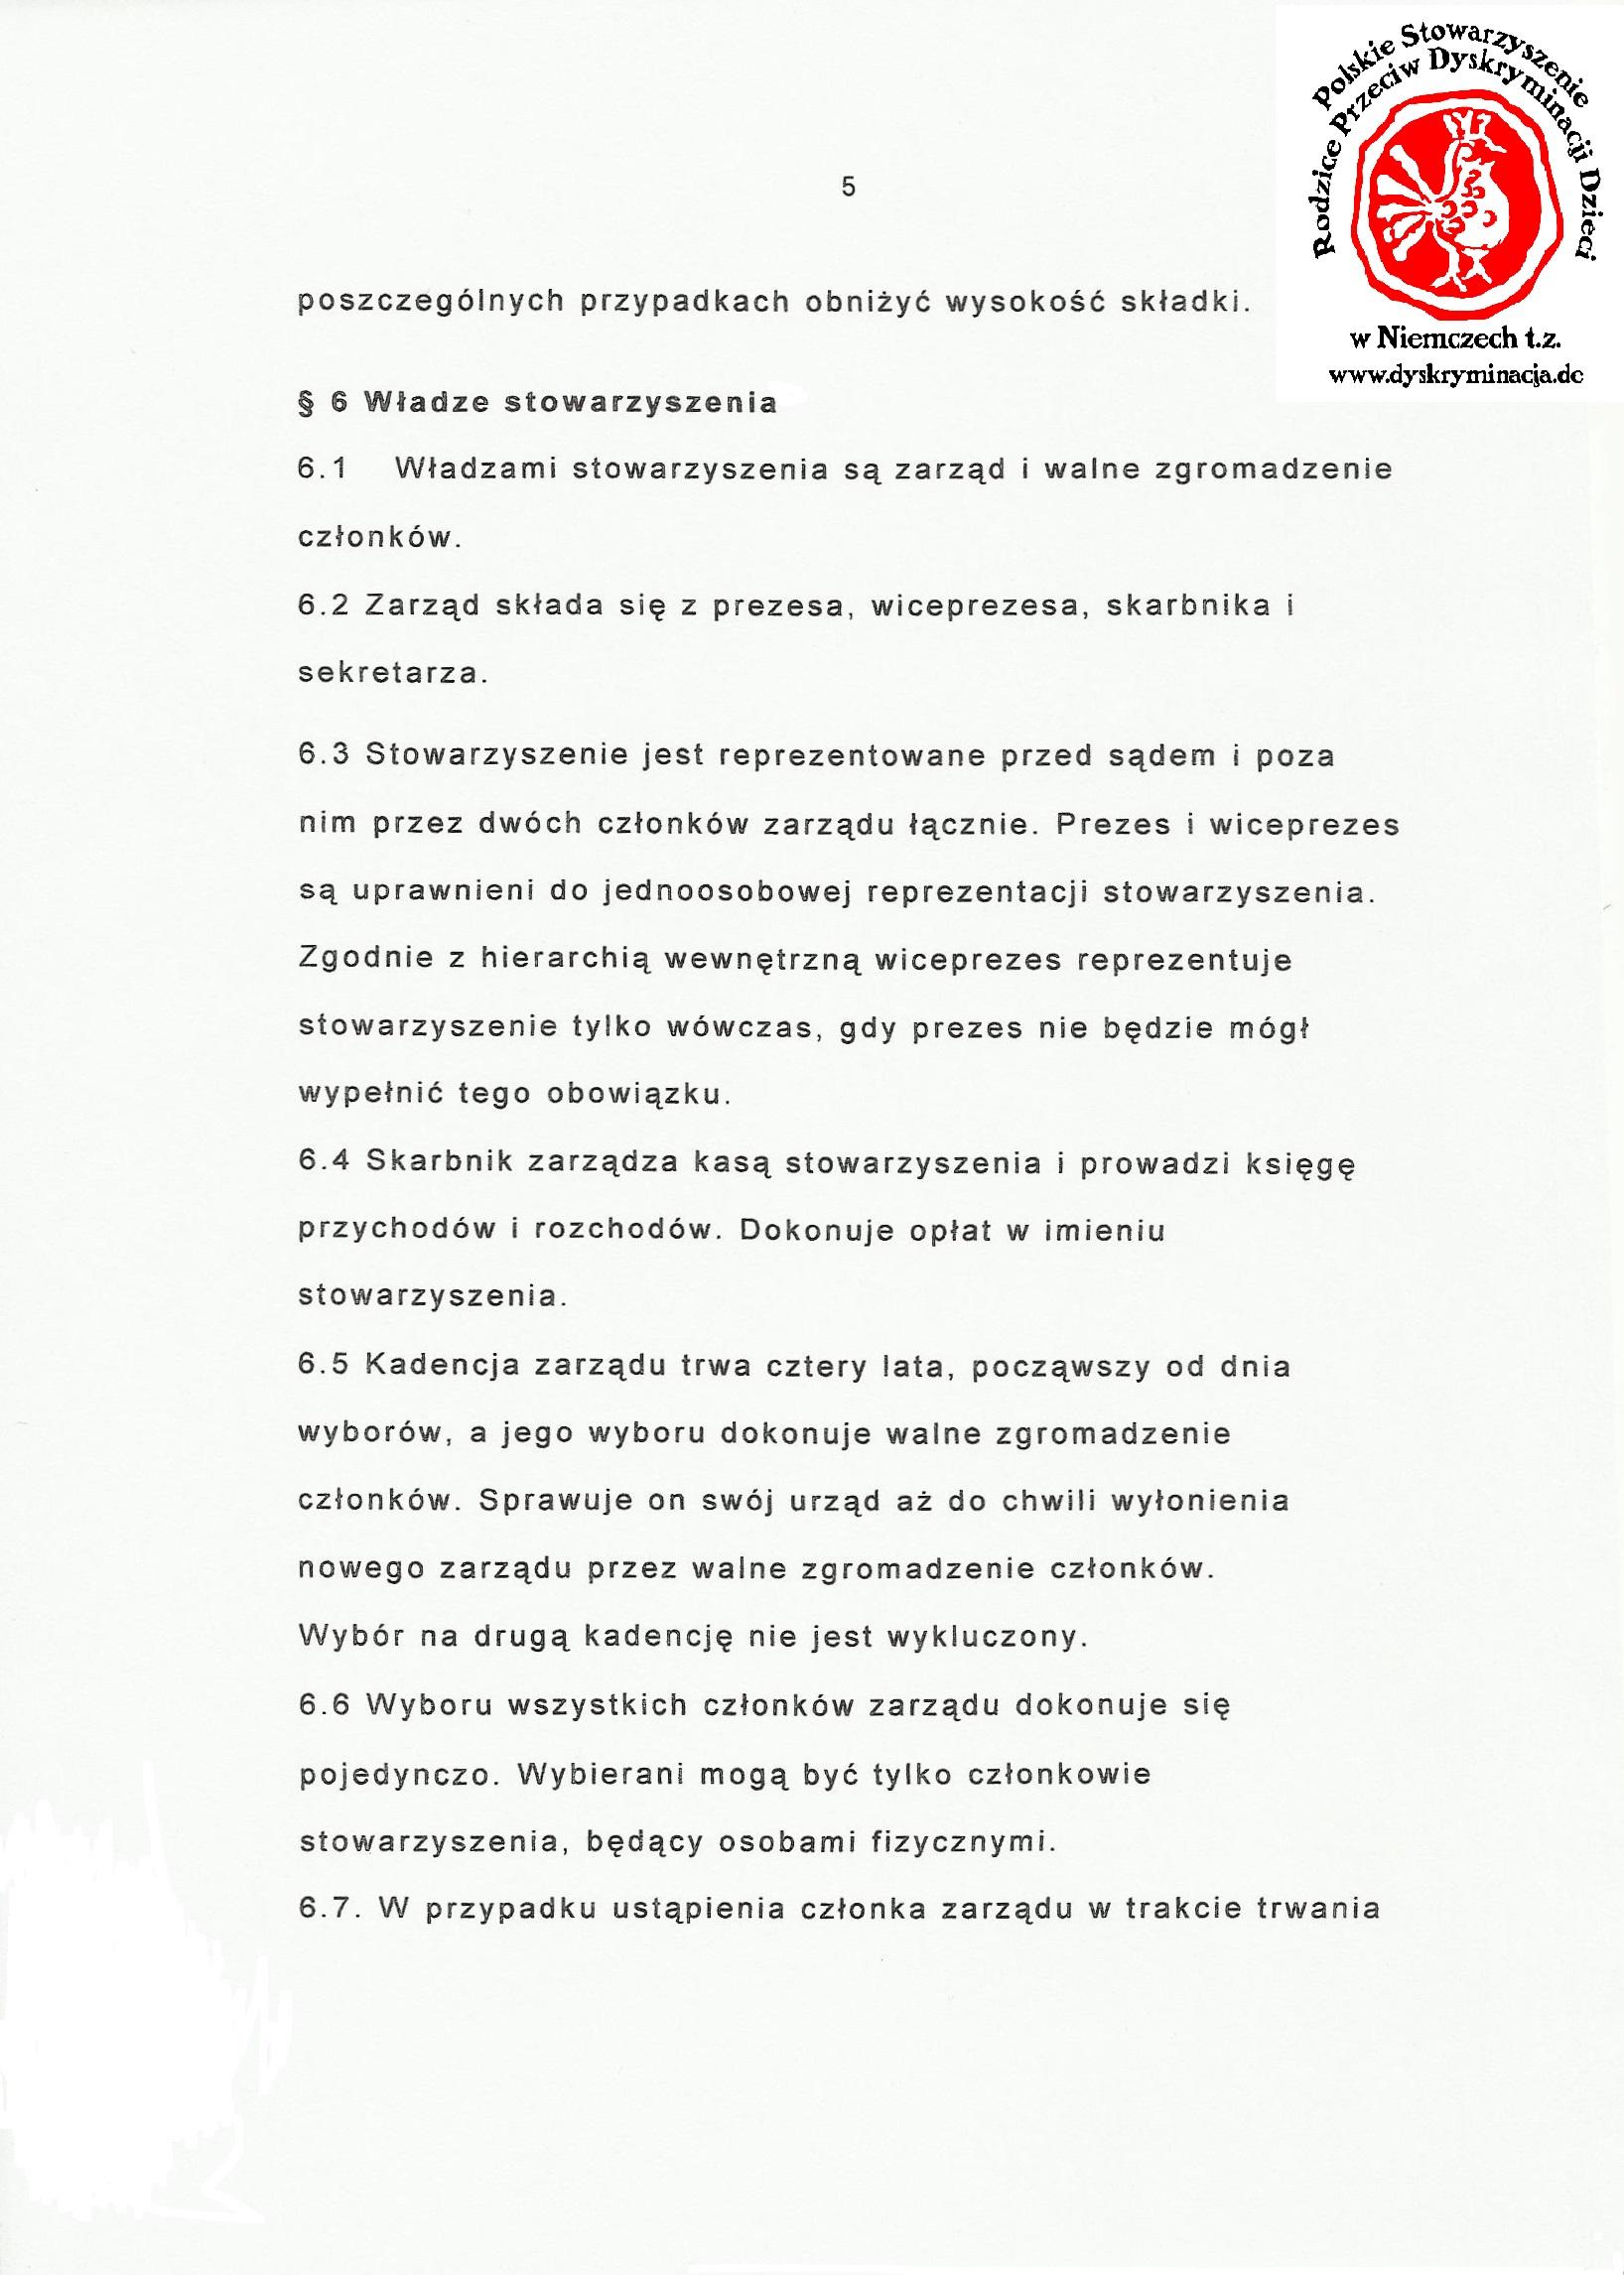 Statut: Polskie Stowarzyszenie Dyskryminacja.de str.5